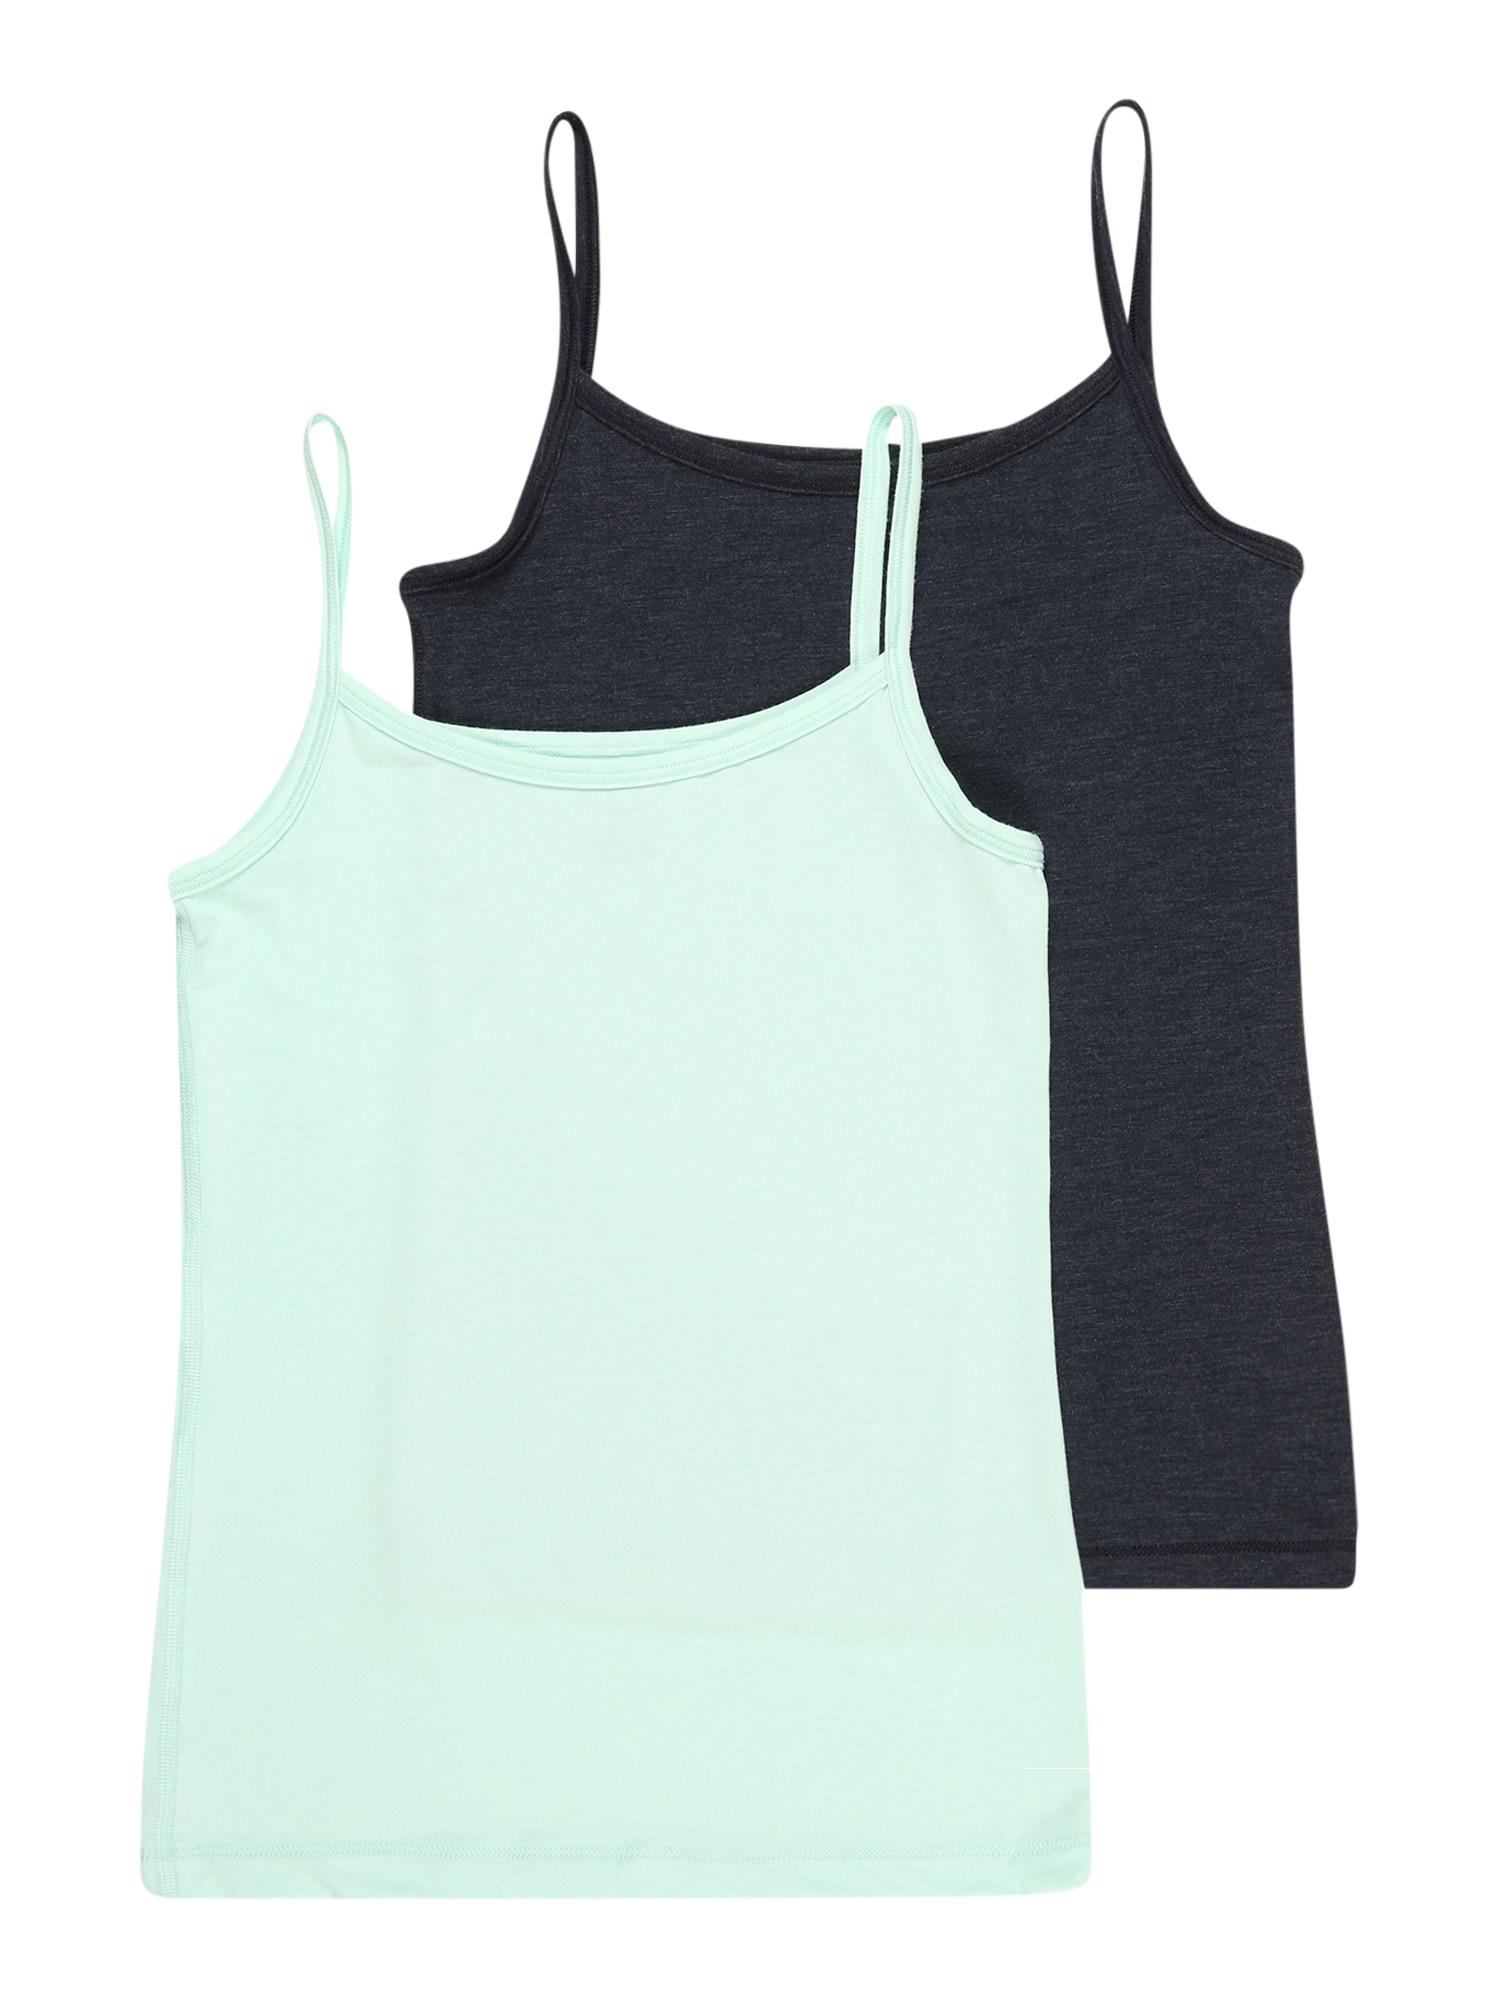 SCHIESSER Apatiniai marškinėliai mėtų spalva / tamsiai mėlyna